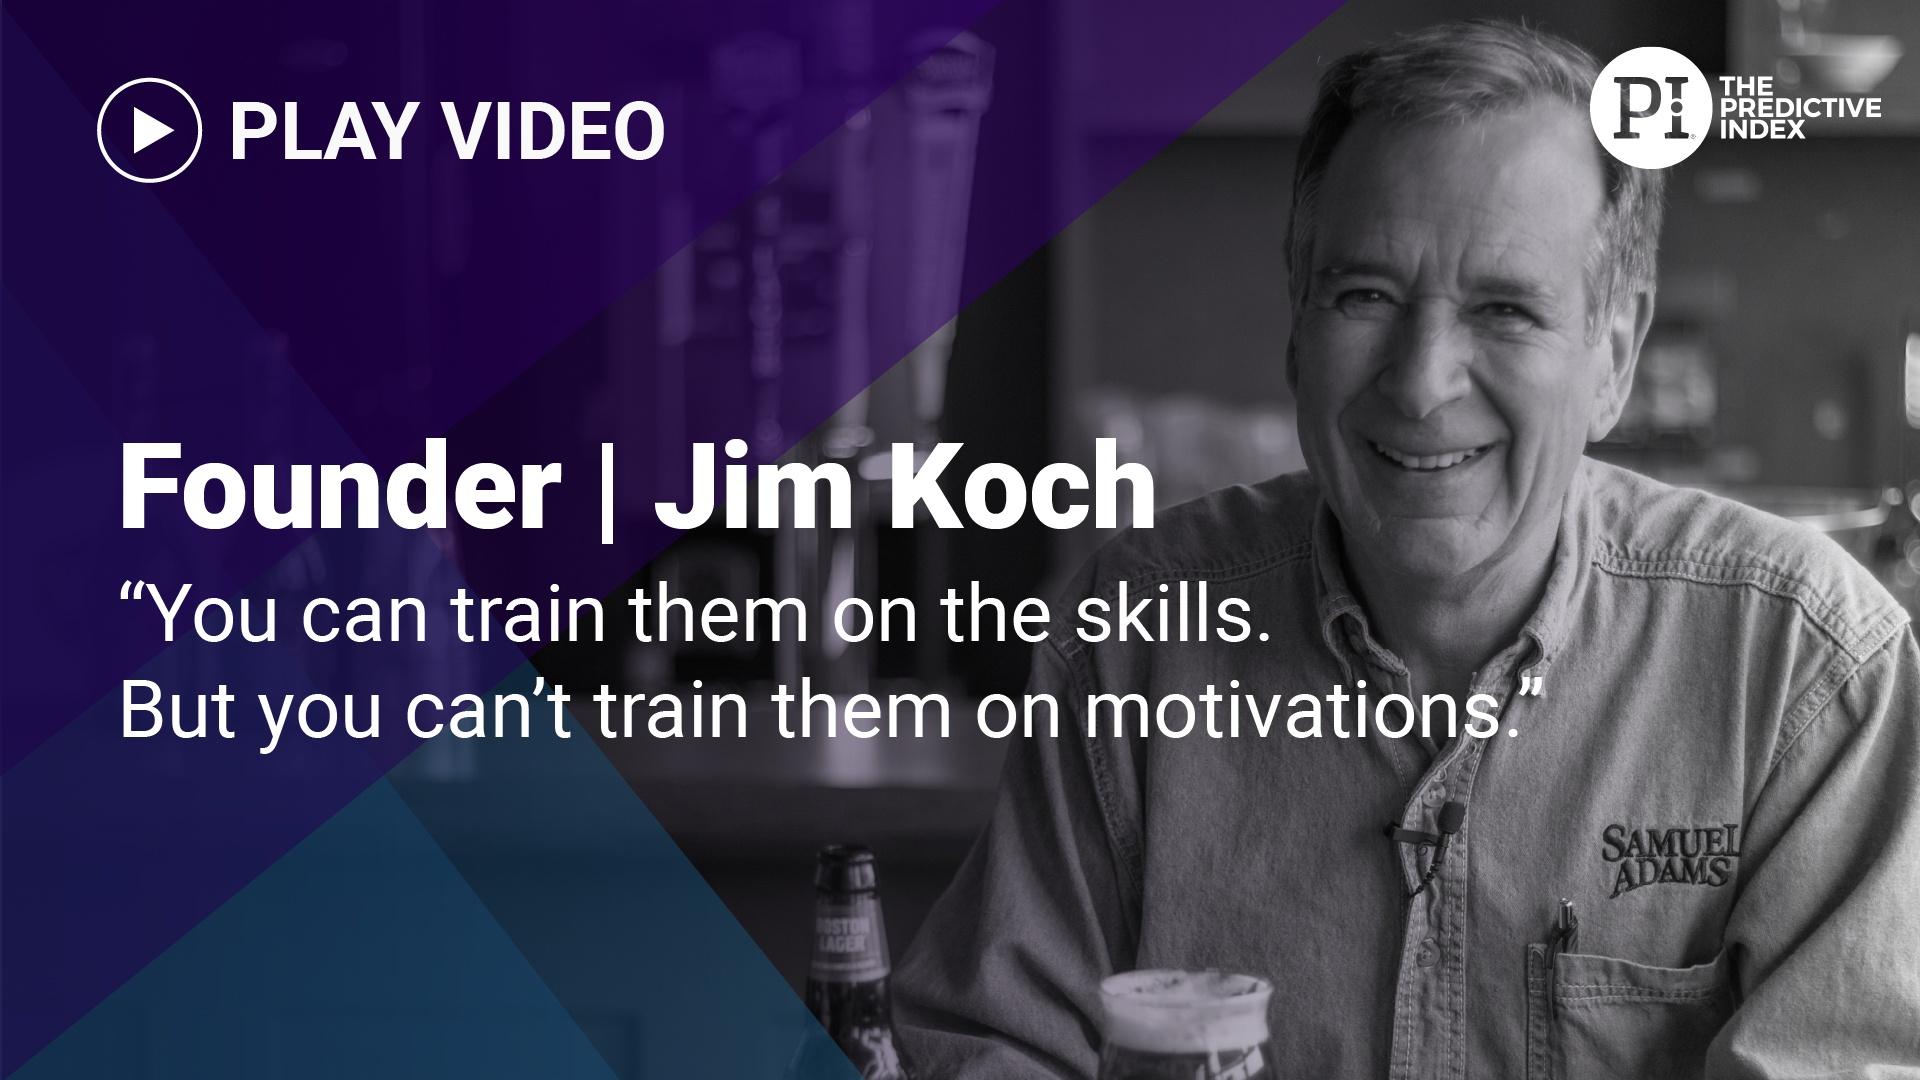 Jim Koch on the Behavioral Assessment